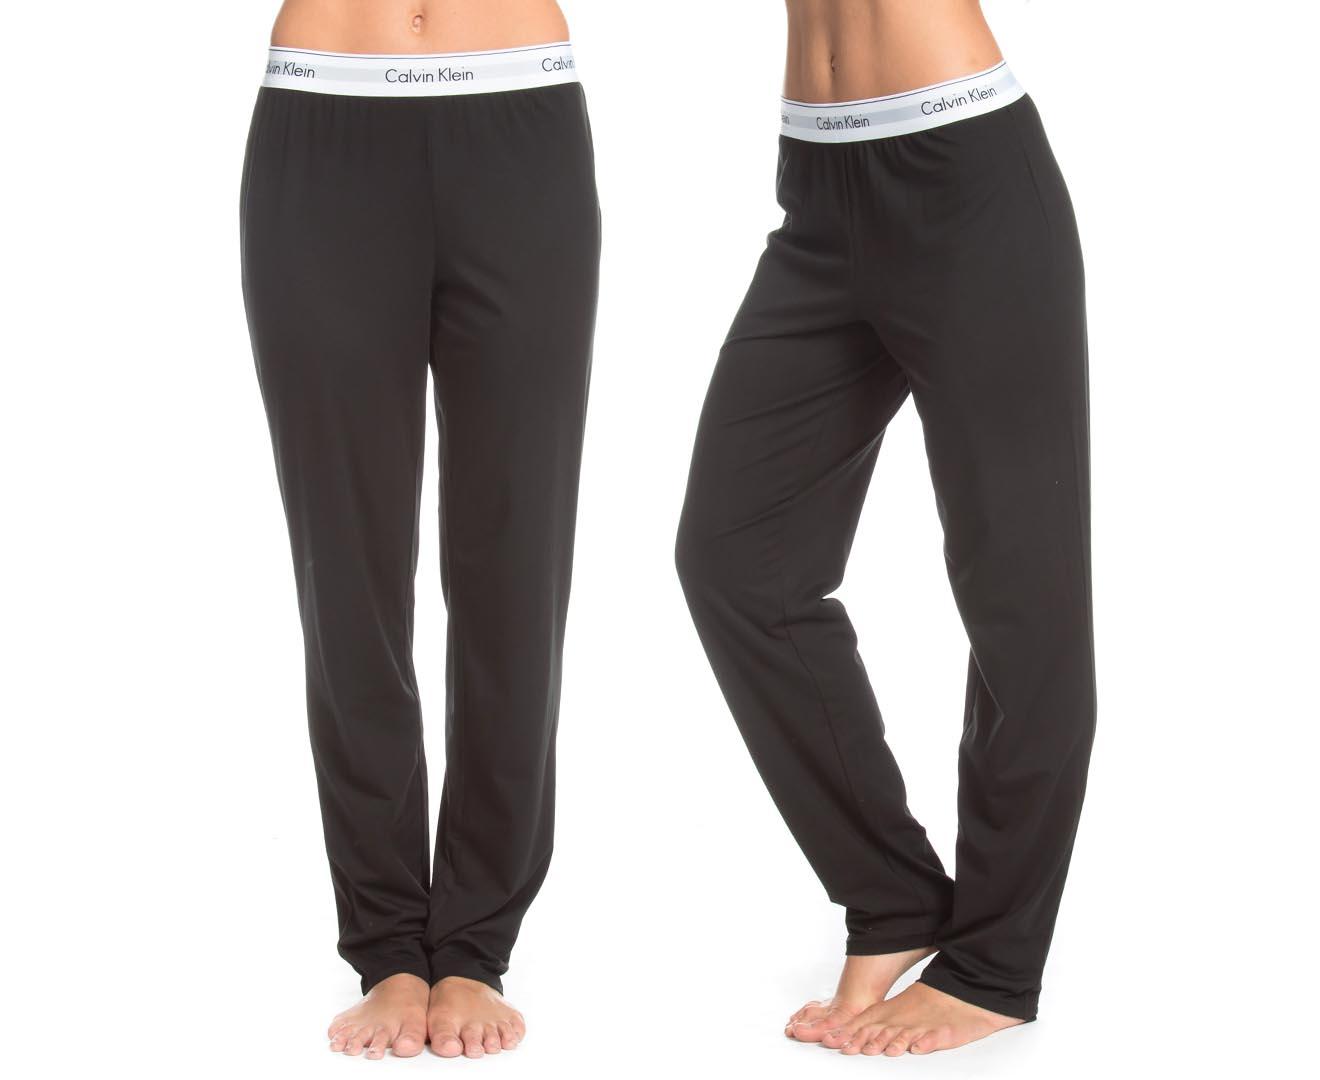 Calvin Klein Women s Leg Pants - Black  d15cb12ba